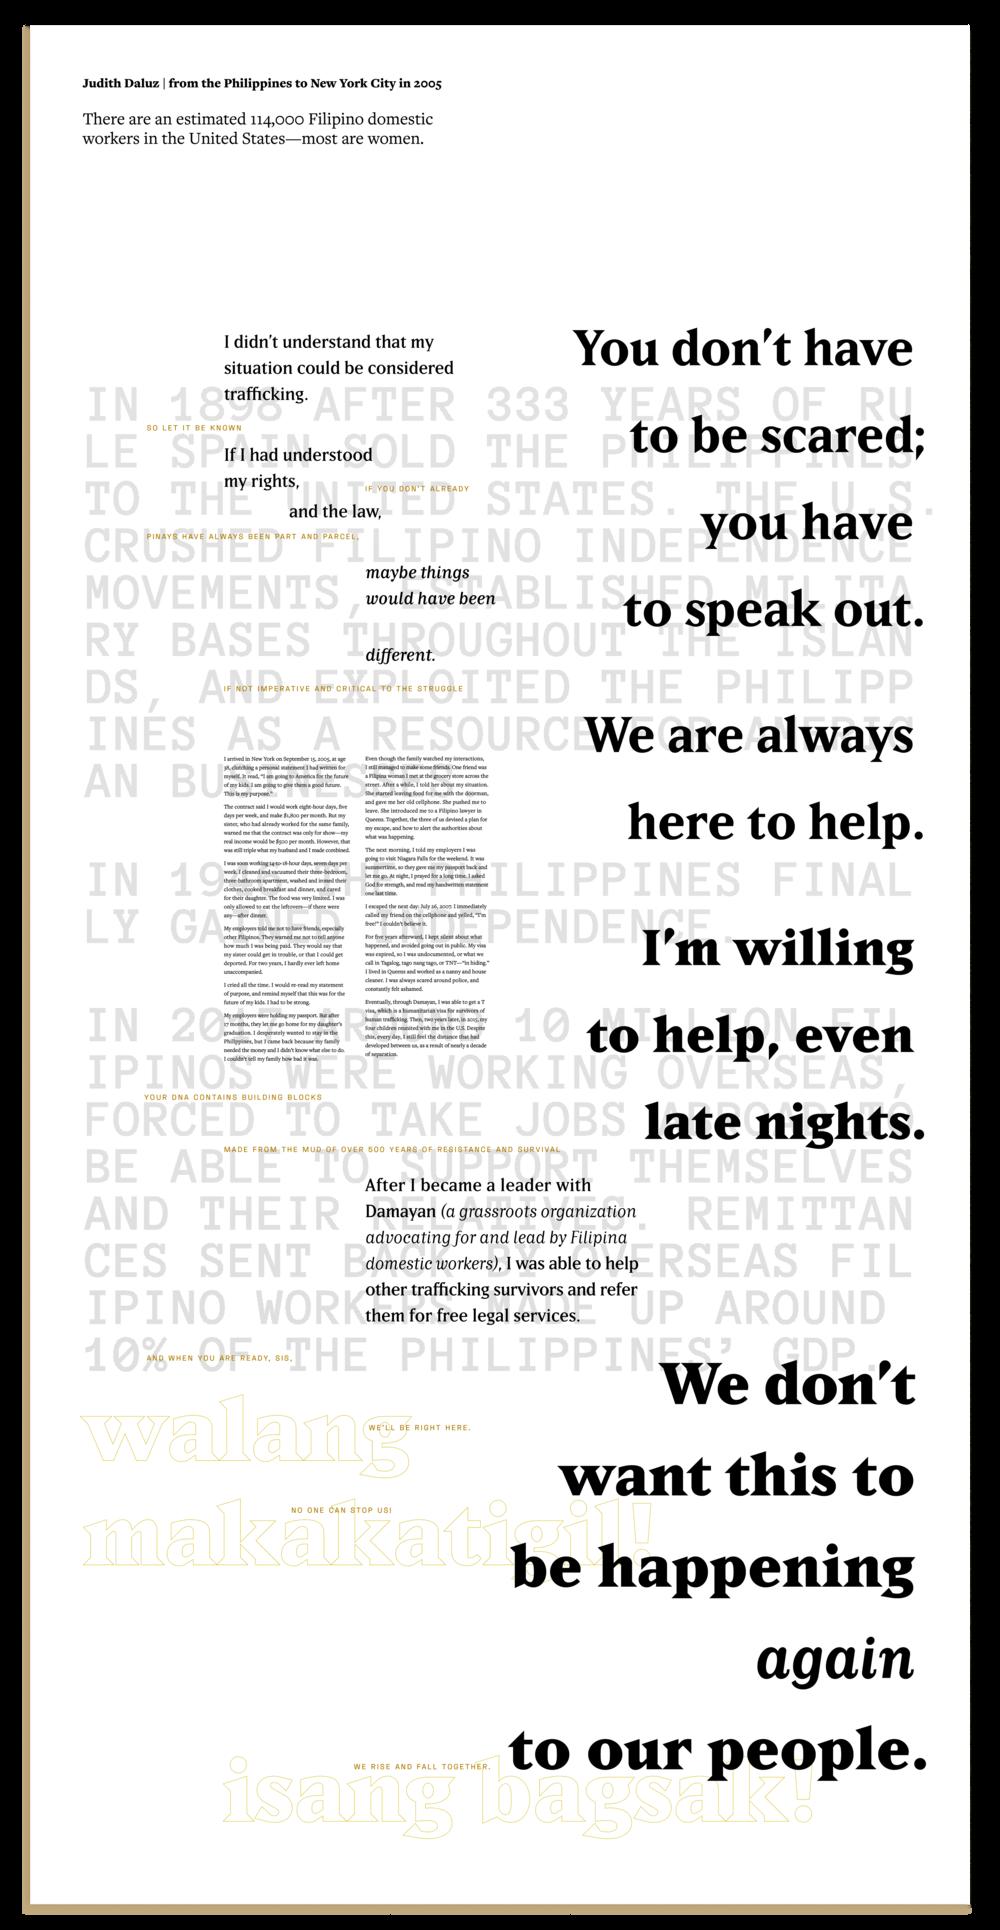 poster_layout_v6-WEBTEST3.png